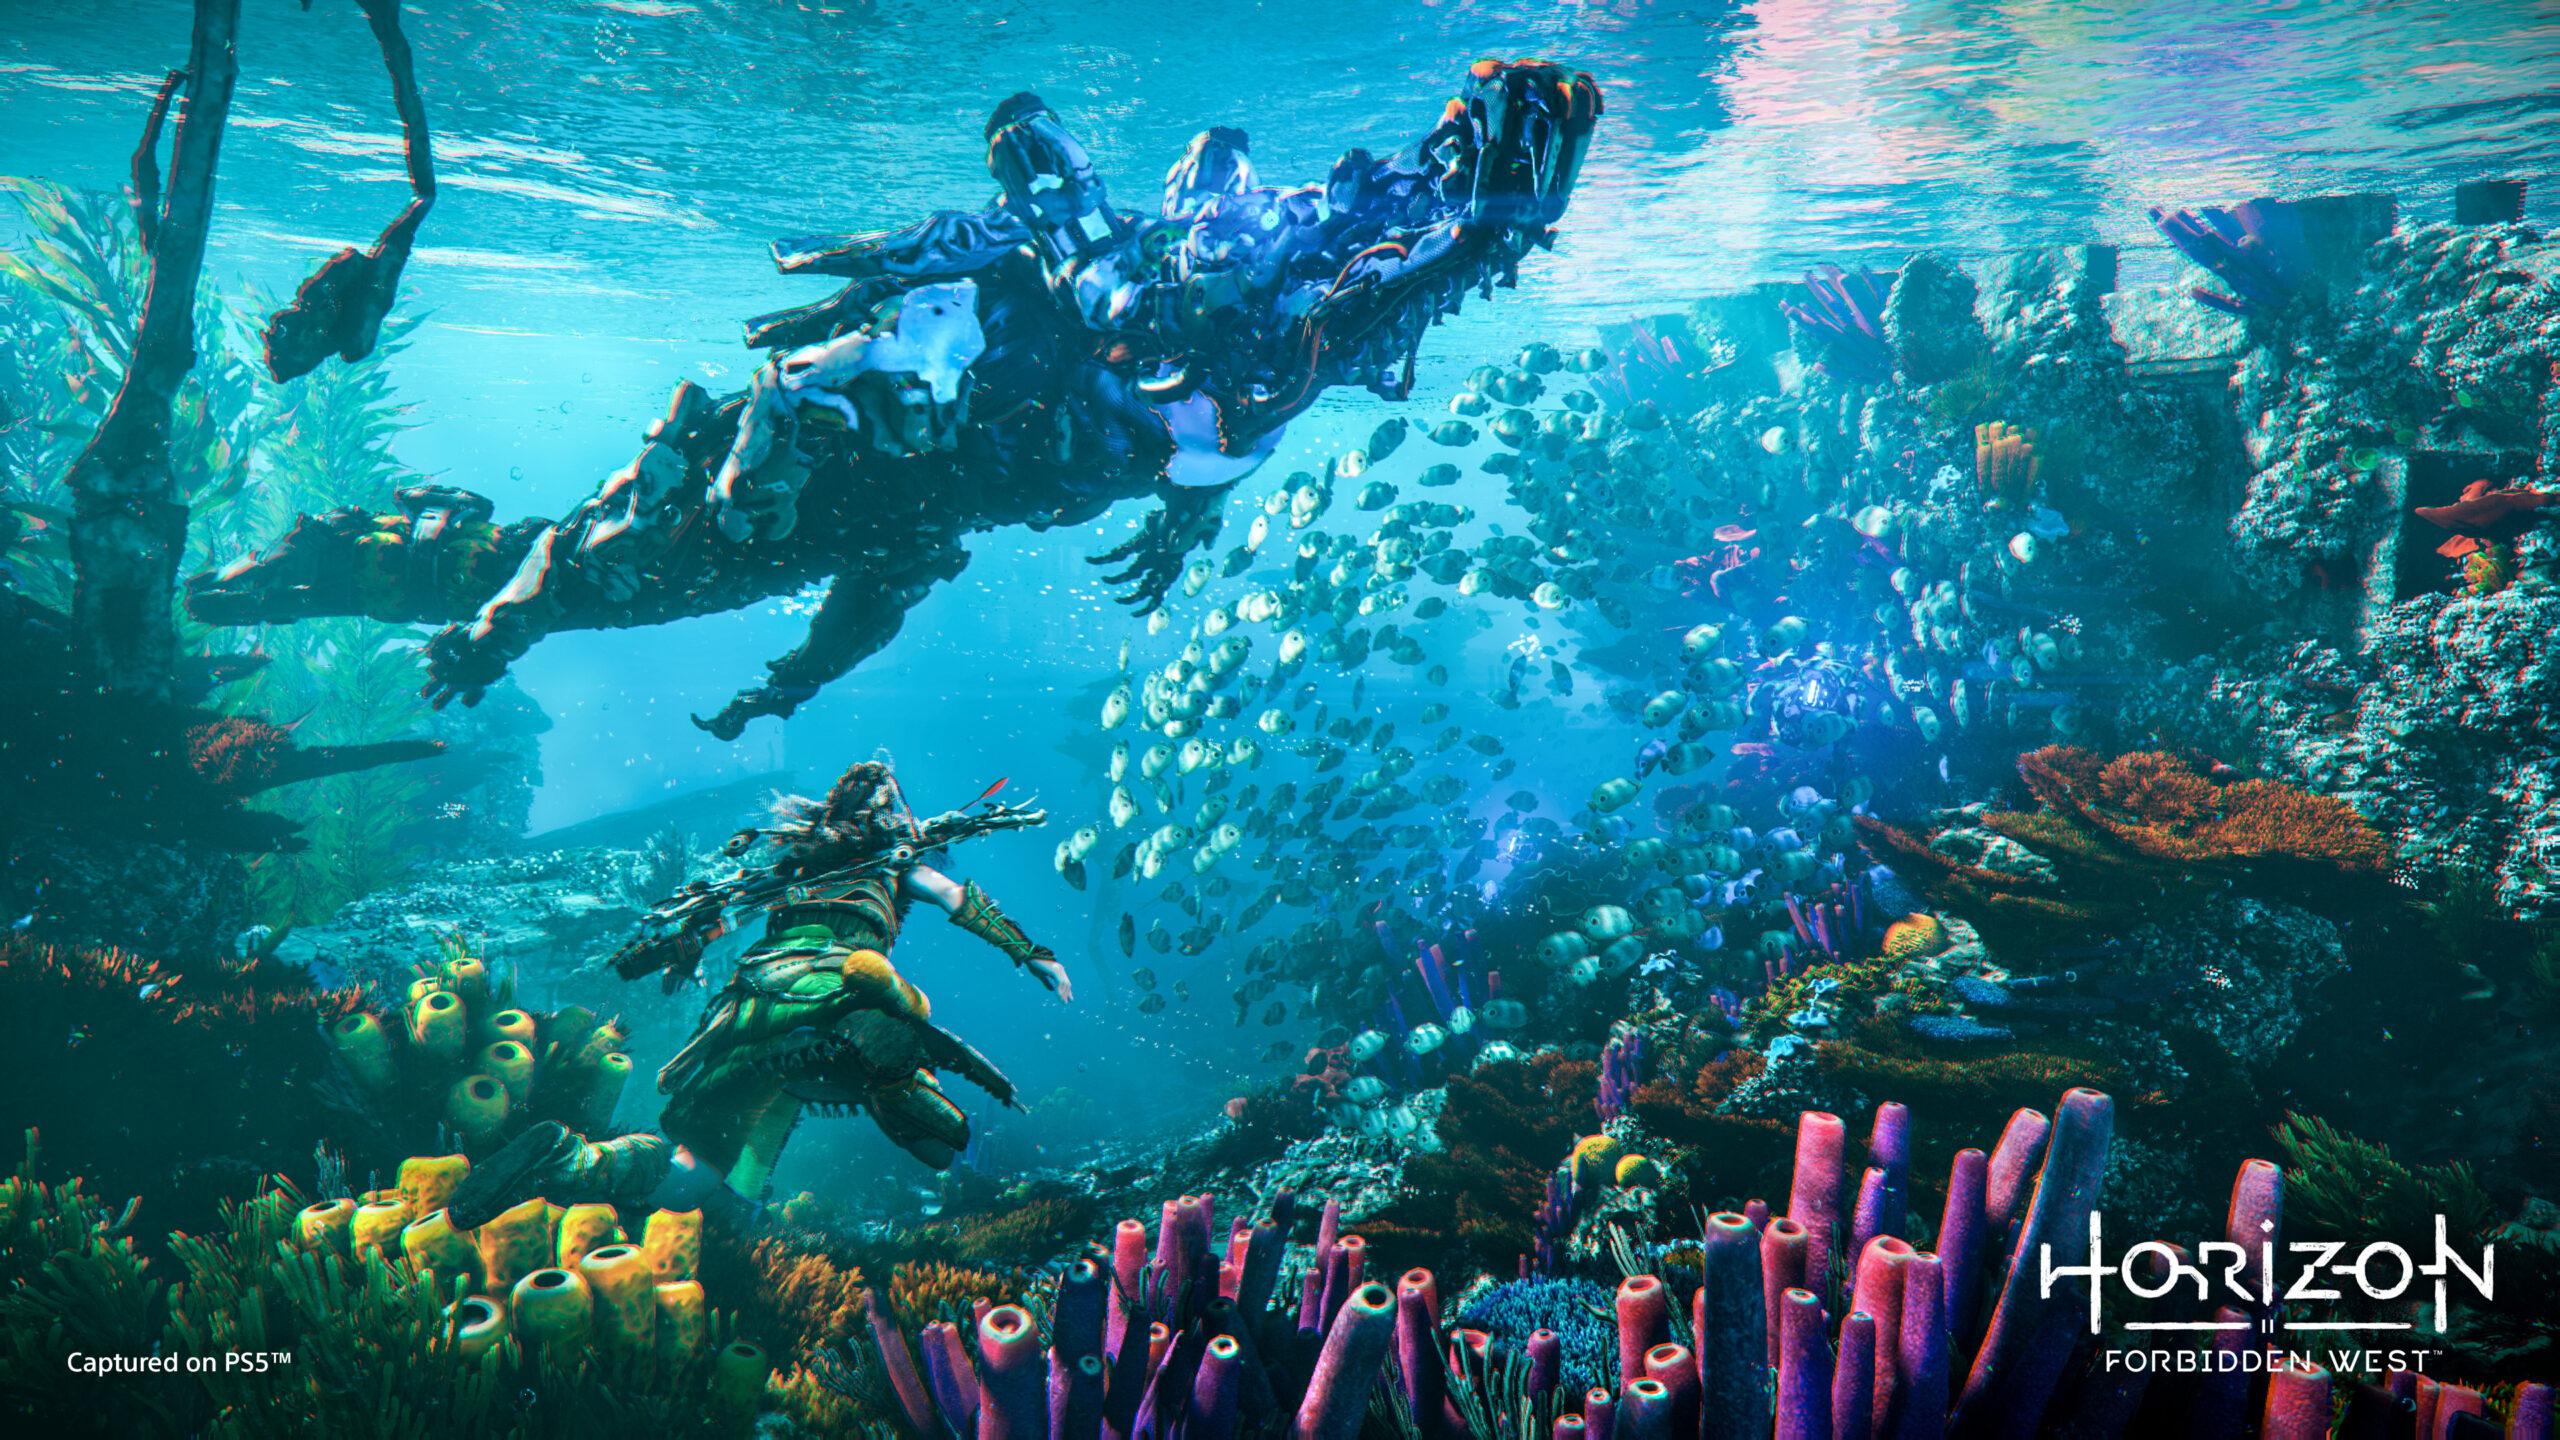 horizon forbidden west underwater